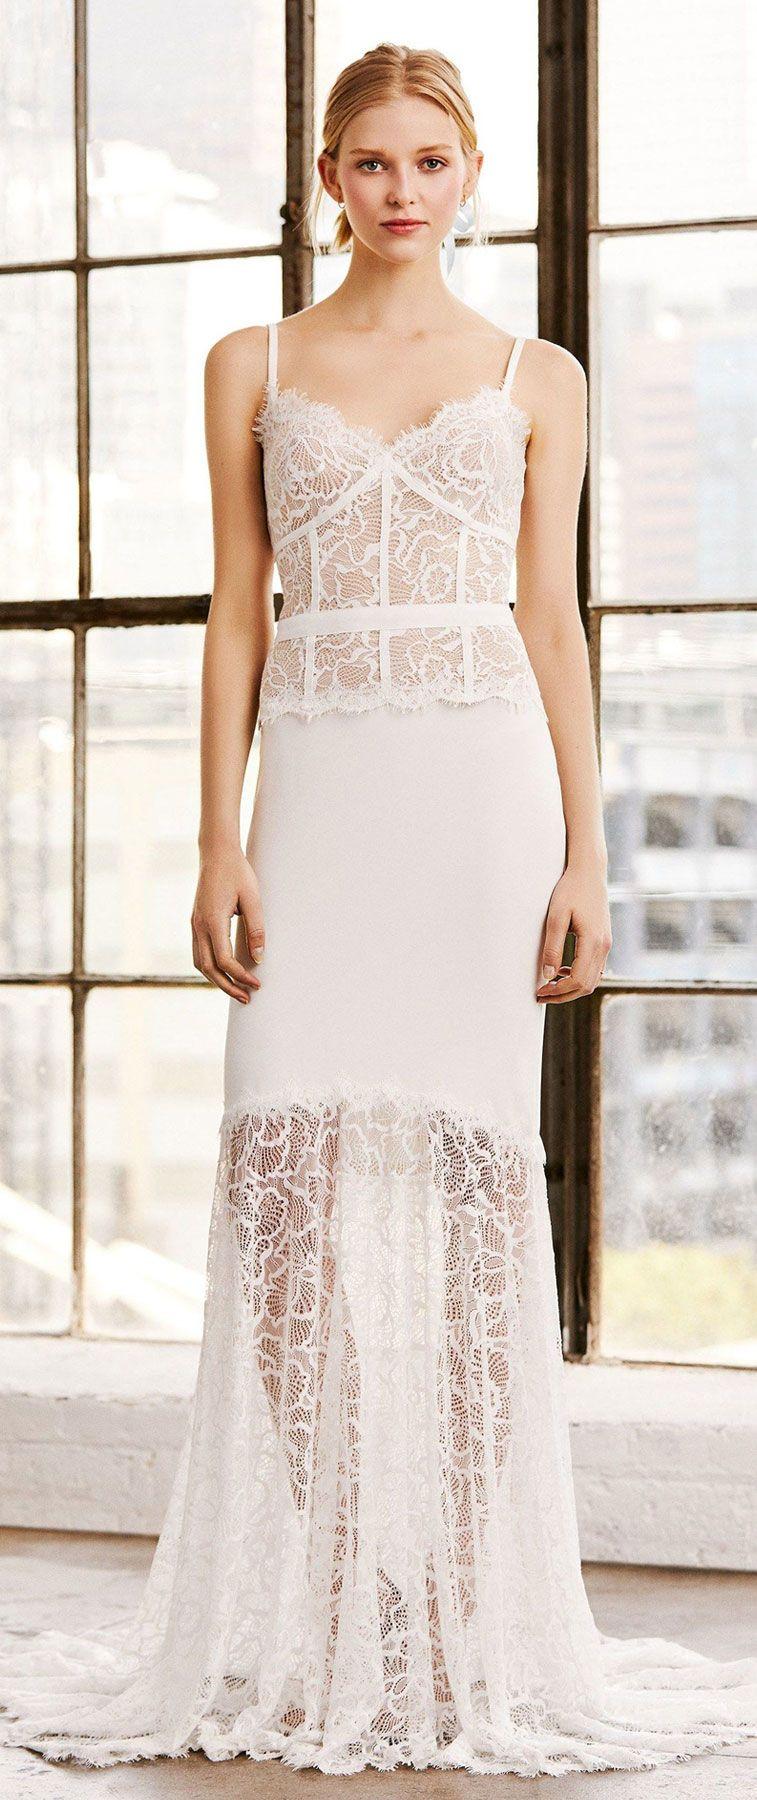 Tadashi Shoji Spring 2019 Bridal Collection